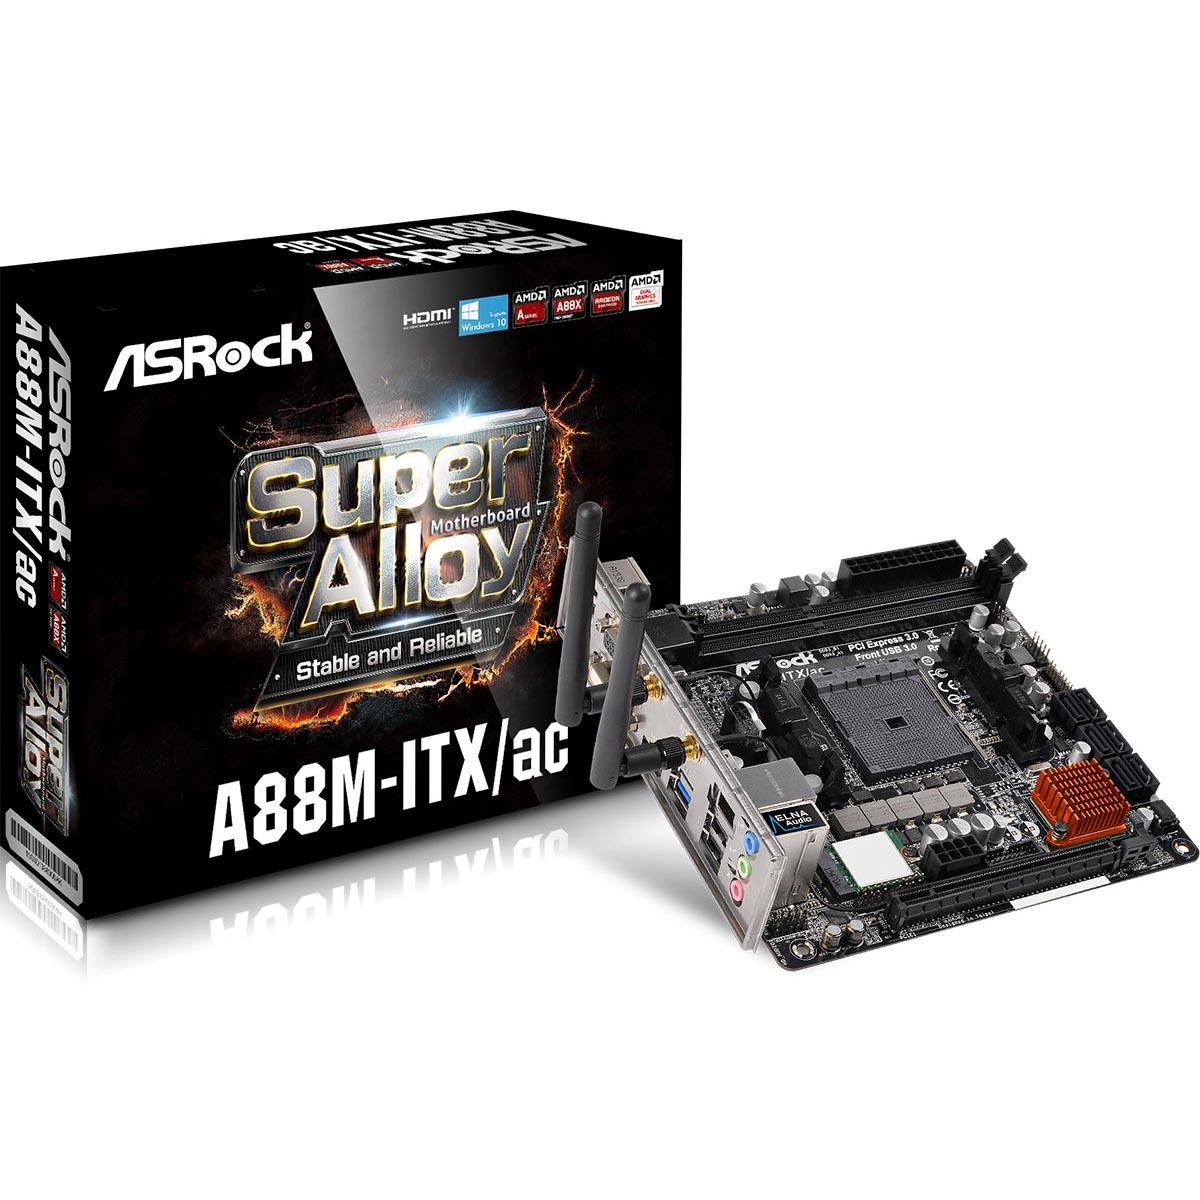 Carte mère ASRock A88M-ITX/ac Carte mère Mini ITX Socket FM2+ AMD A88X - SATA 6 Gbps - USB 3.0 - Wi-Fi AC/Bluetooth 4.0 - 1x PCI-Express 3.0 16x